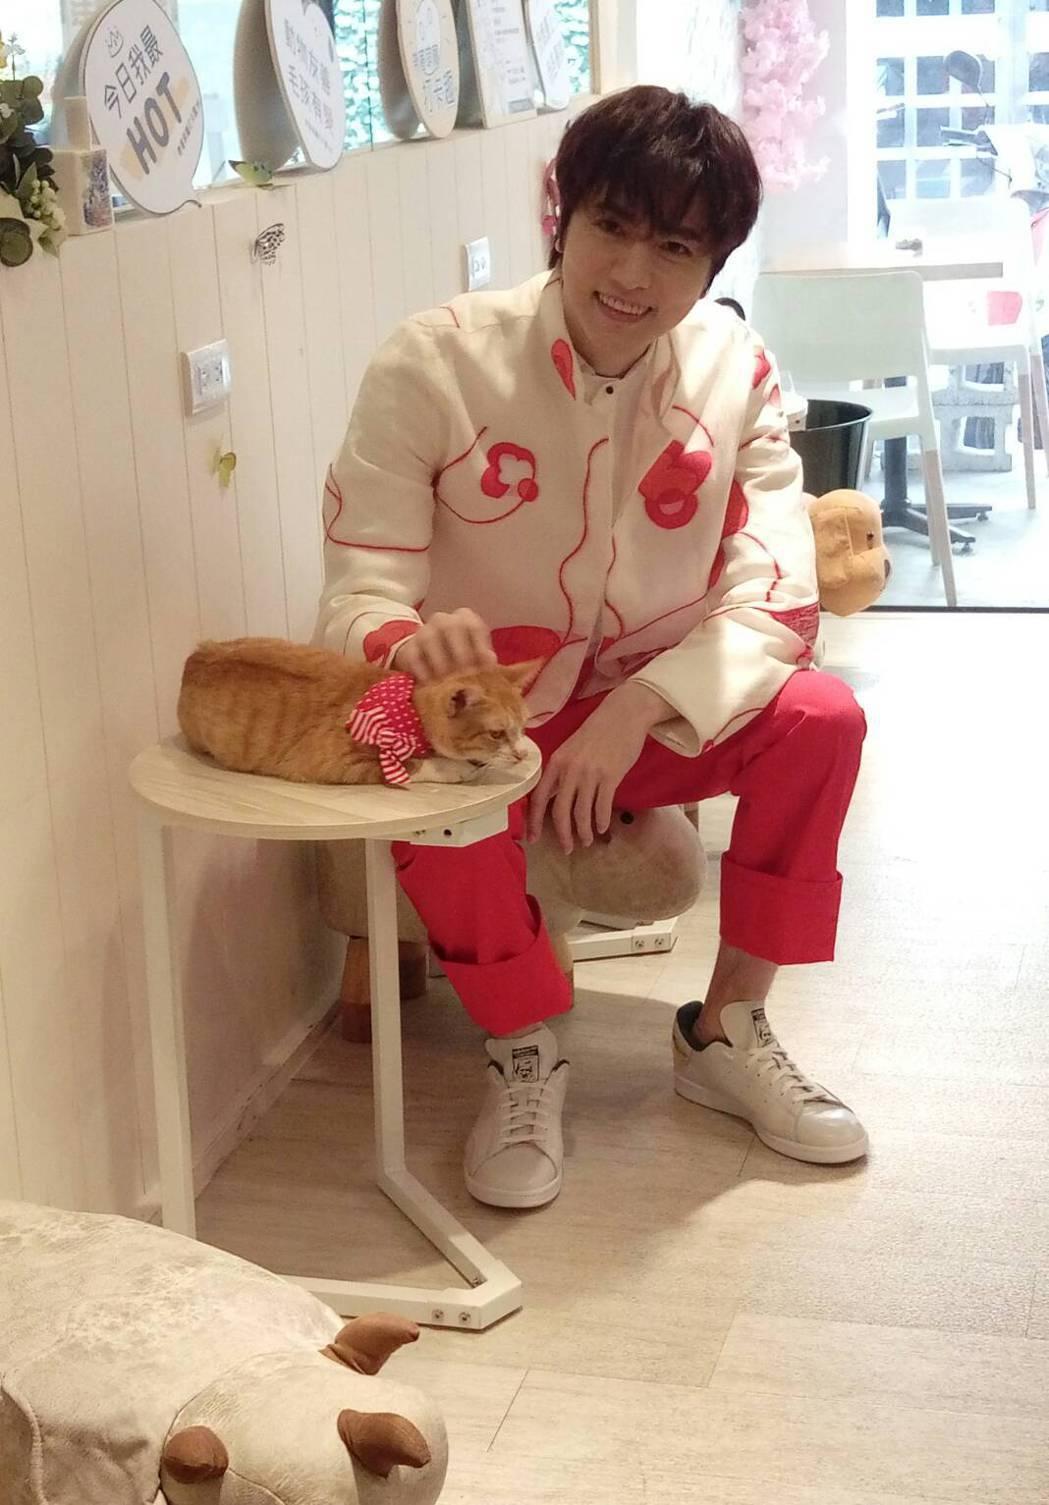 陳璽安與臺北市流浪貓保護協會合作的公益明信片傳遞愛分享愛。記者 楊起鳳/攝影